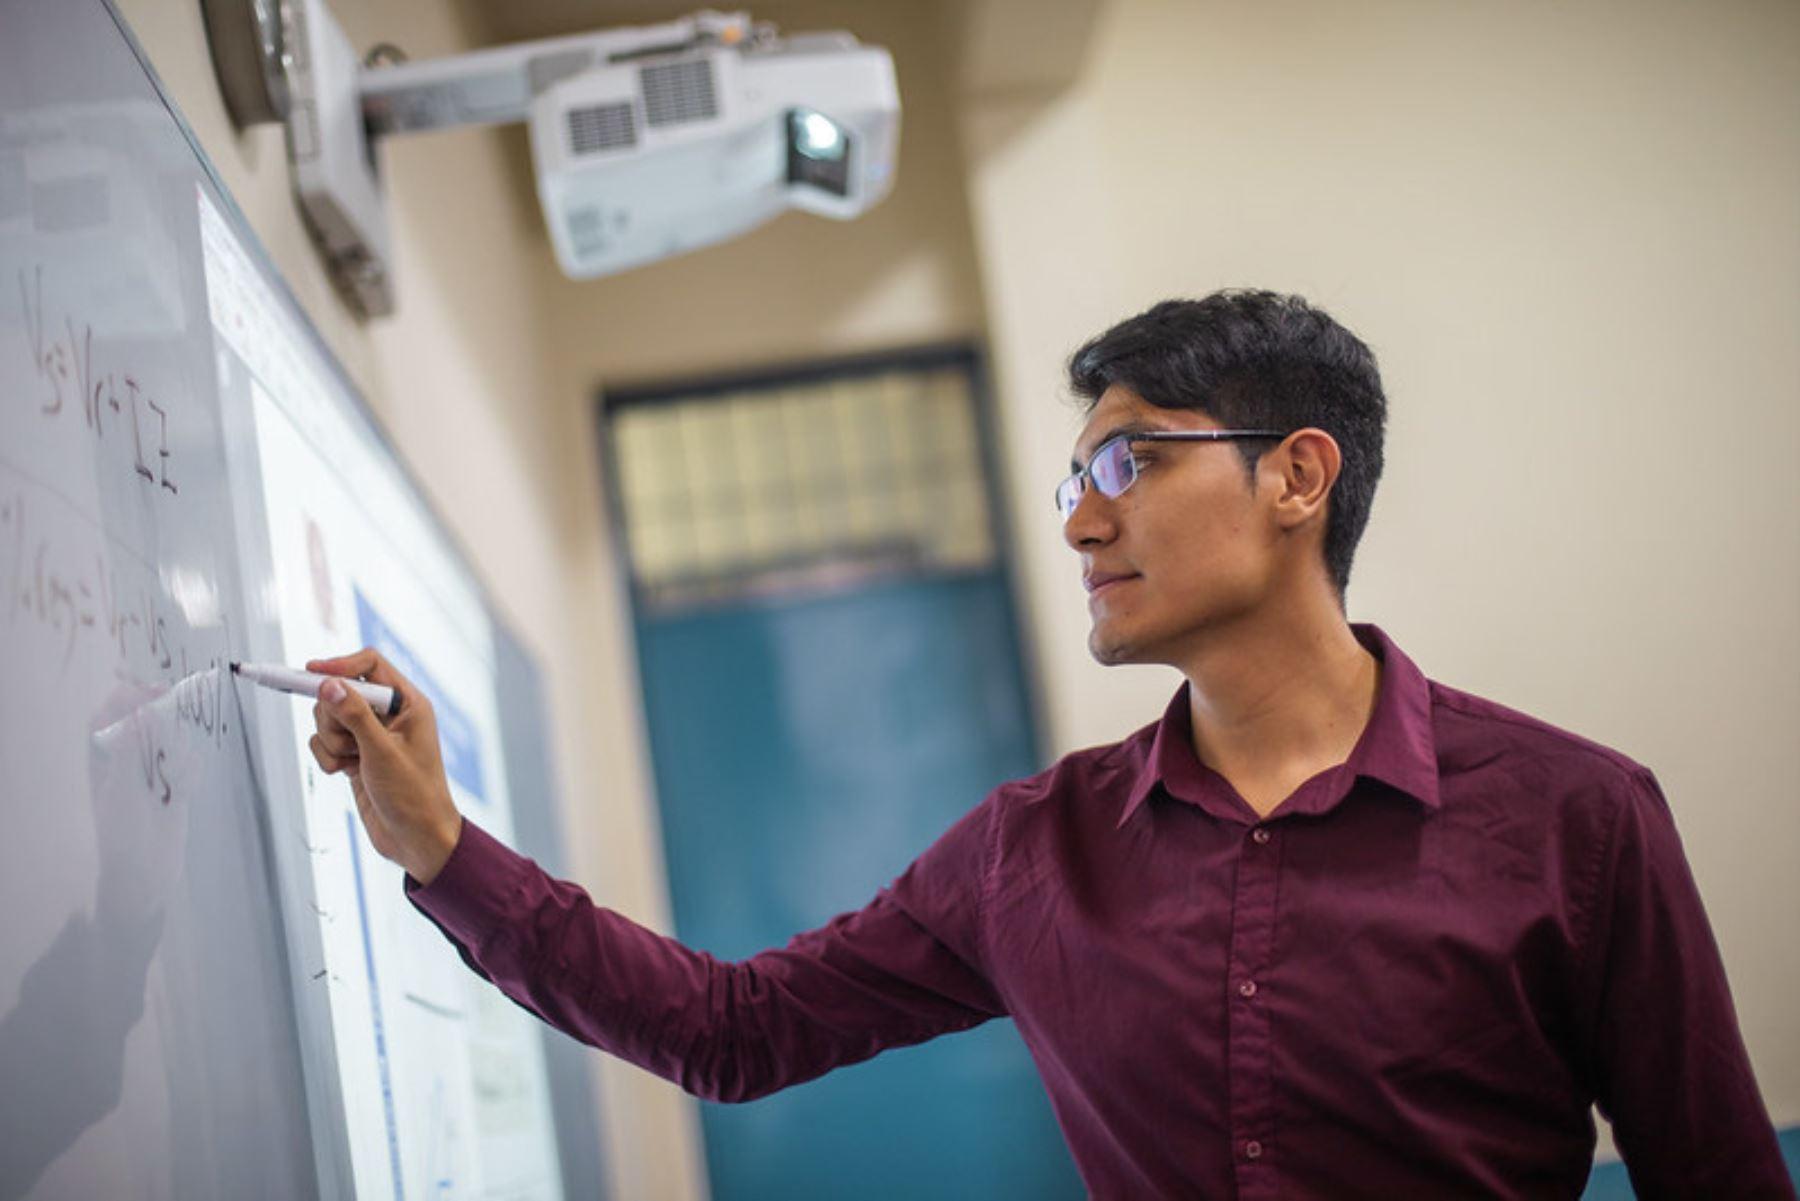 Joven talento de 23 años está próximo a terminar sus estudios de Ingeniería Mecánica Eléctrica en la Universidad Nacional de Ingeniería (UNI). Foto: Pronabec